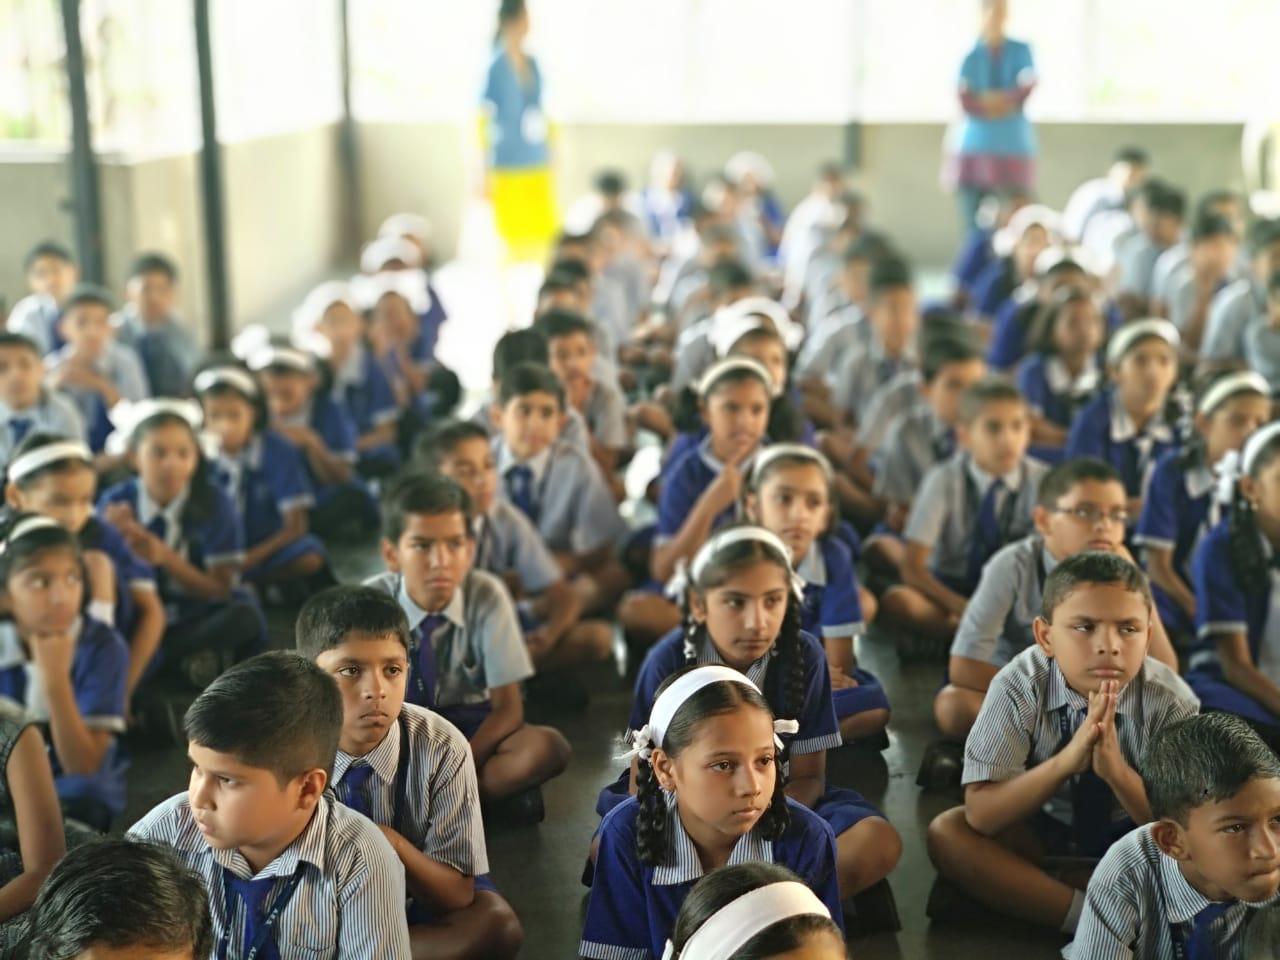 लिटल फ्लॉवर इंग्लिश मिडियम स्कूलमध्ये संविधान दिन उत्साहात साजरा